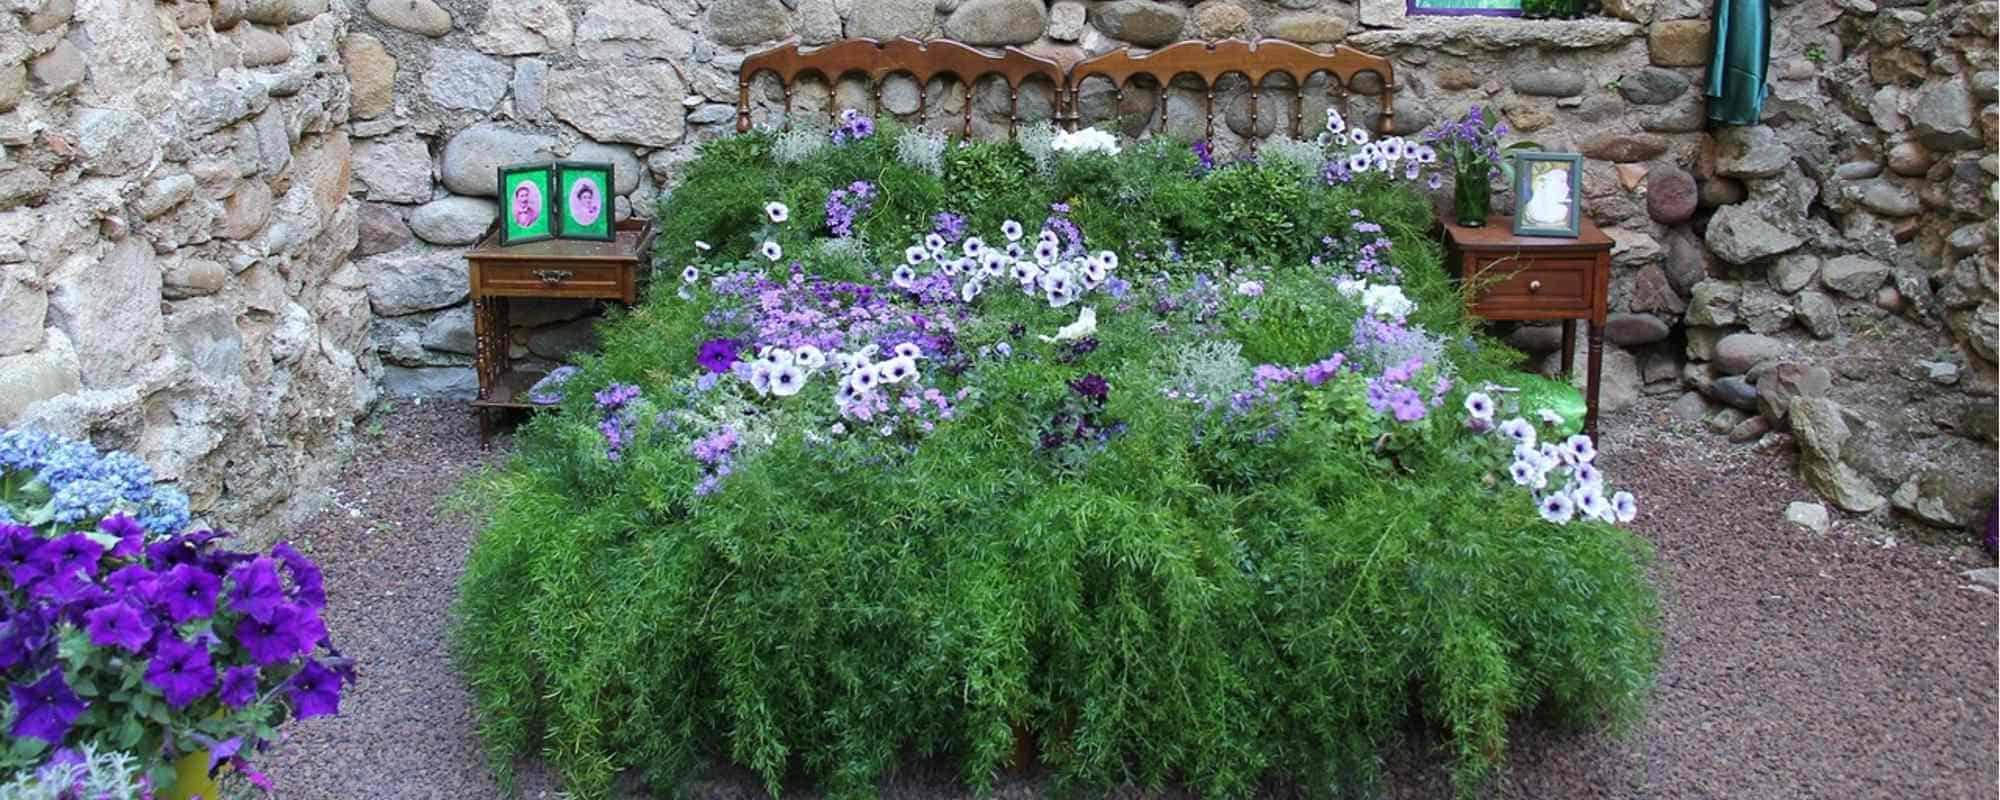 die besten Pflanzen fürs Schlafzimmer   MiaMöbel